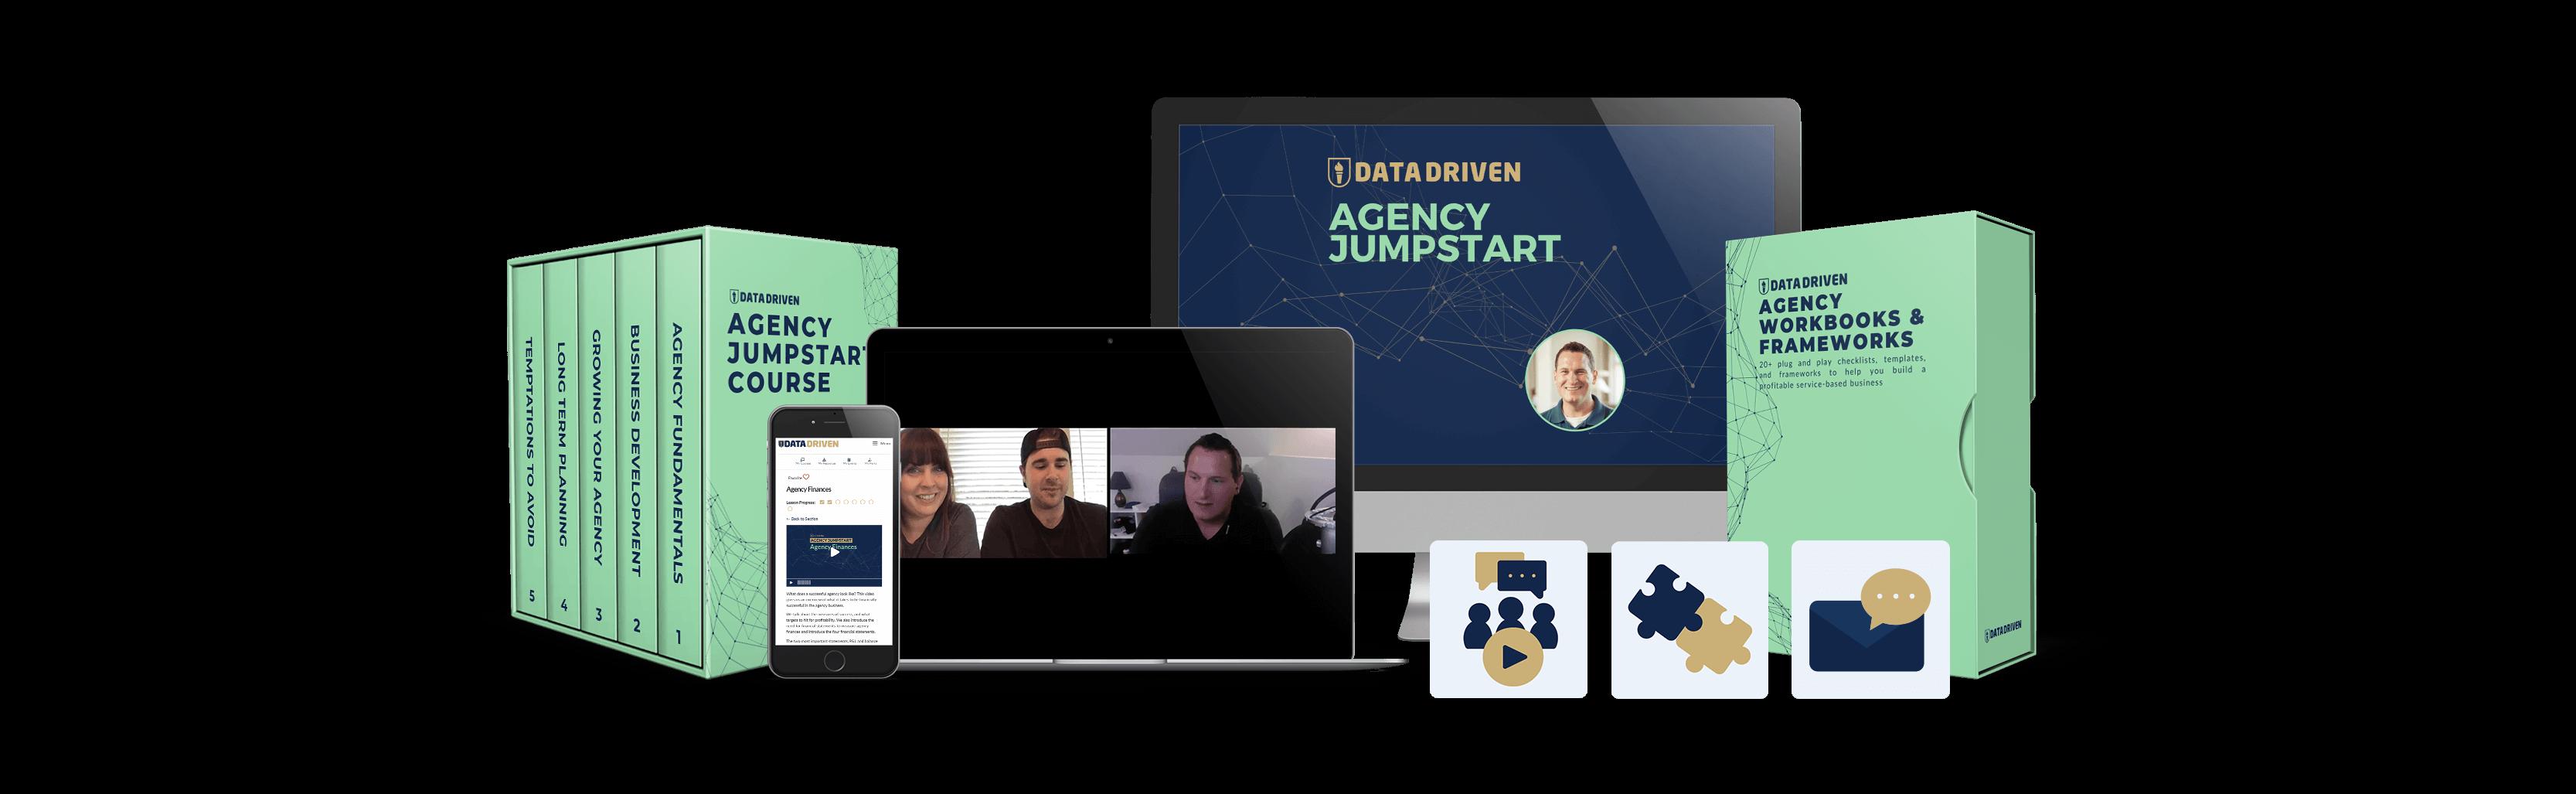 DataDriven – Agency Jumpstart